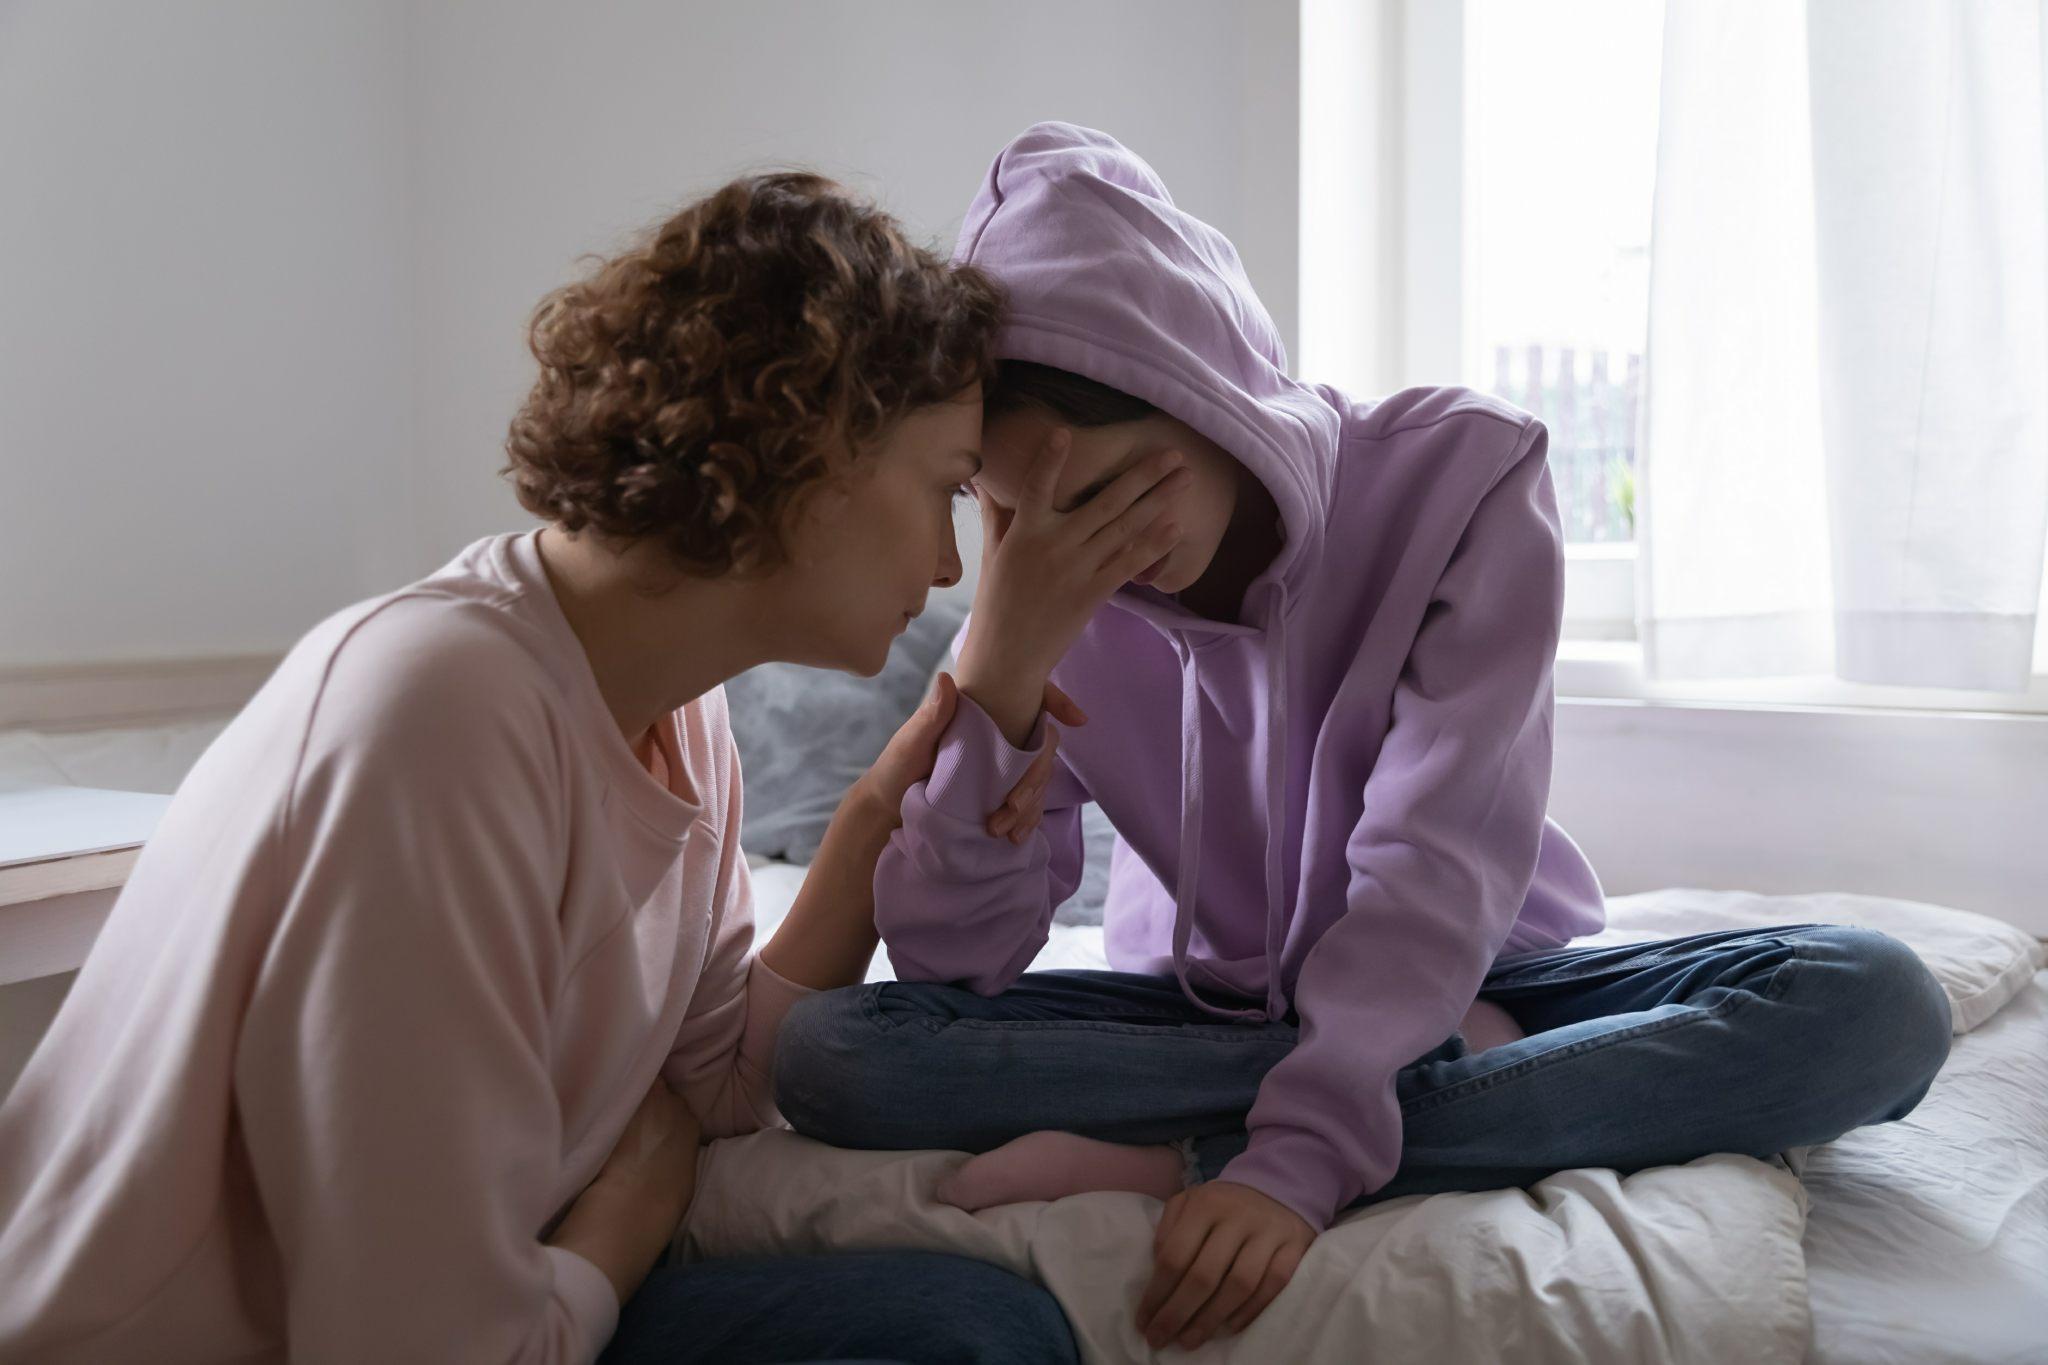 Kaip padidinti nari paauglys namuose Kas gali buti varpos dydis